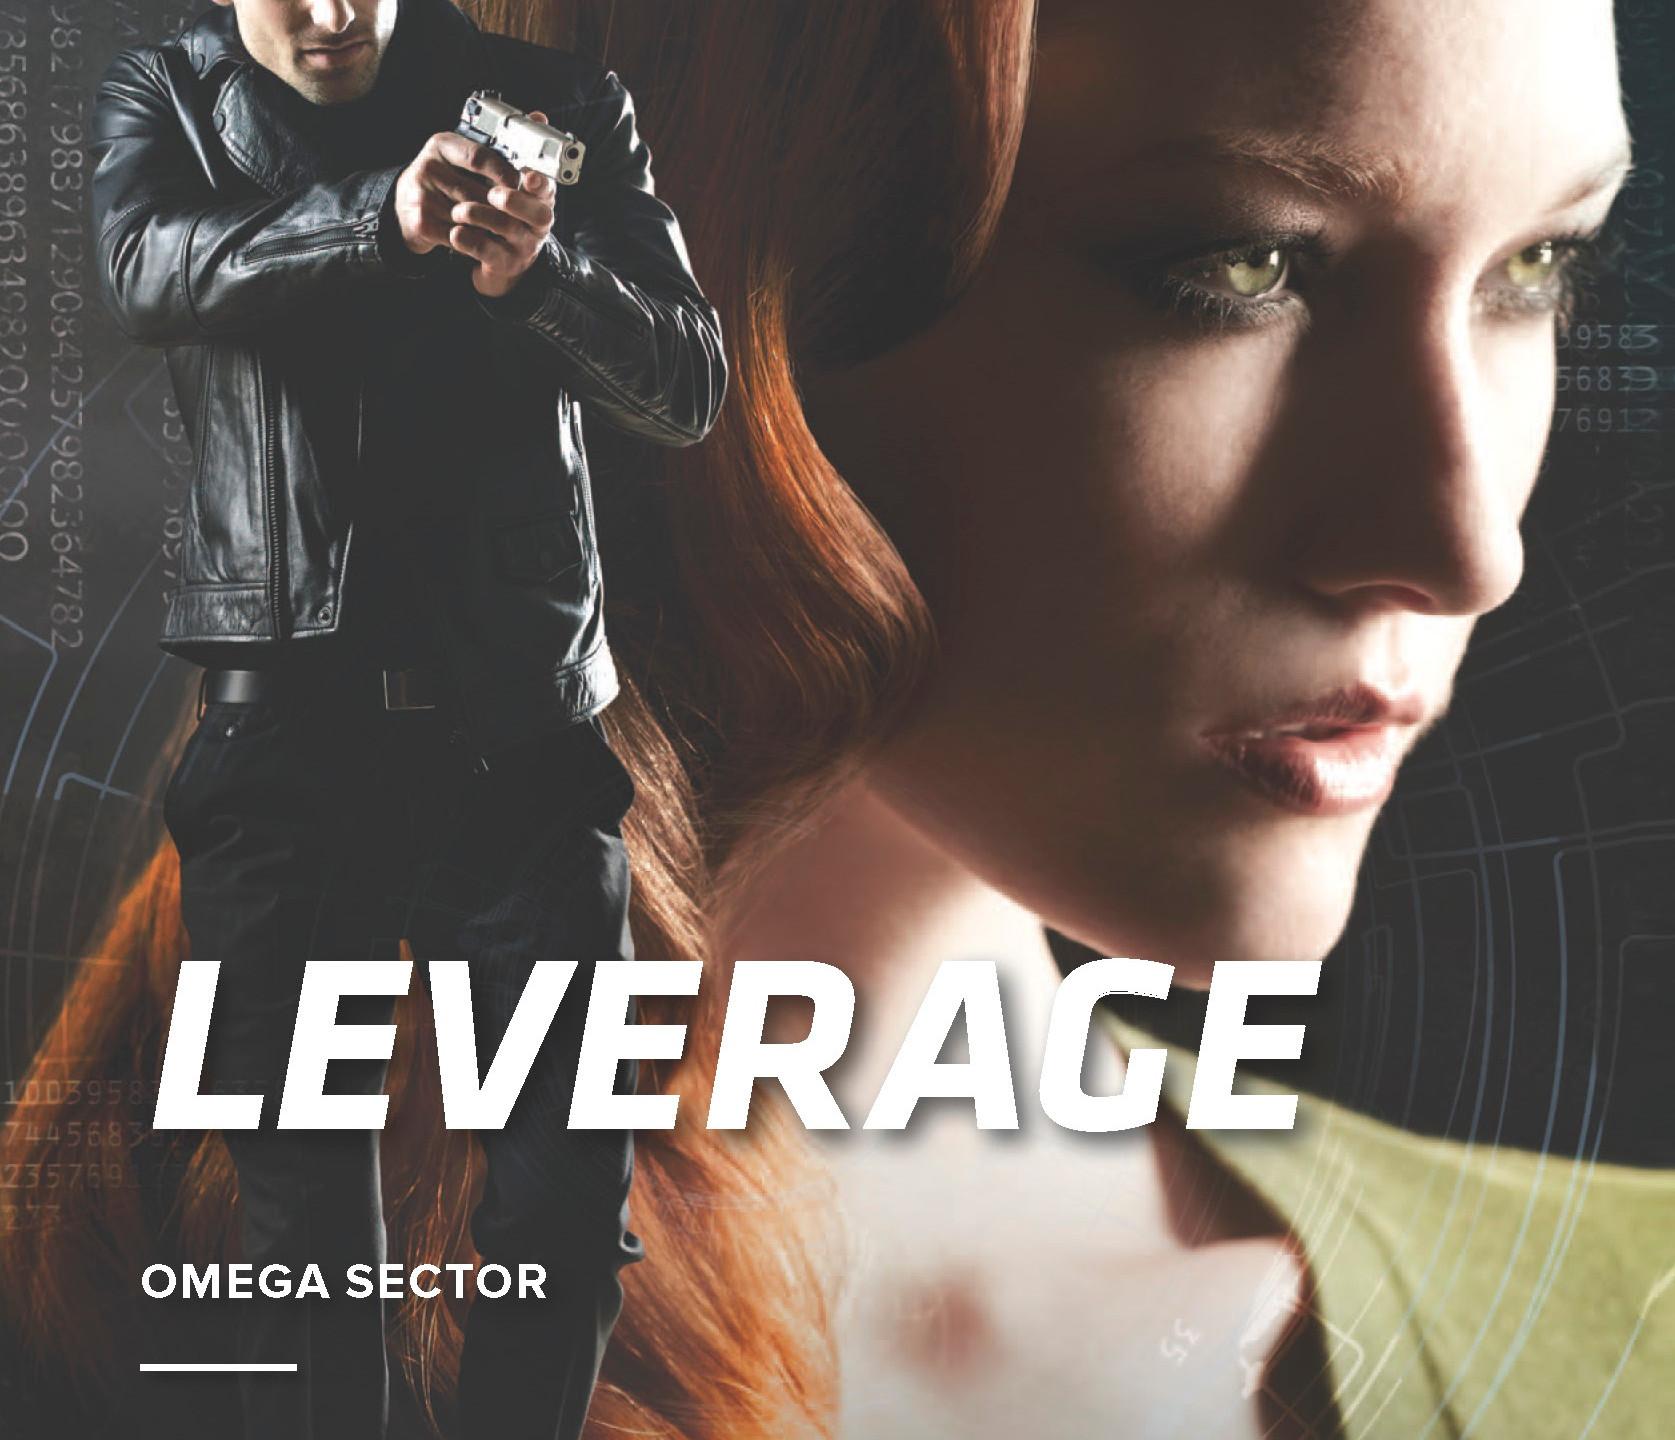 LeverageCover